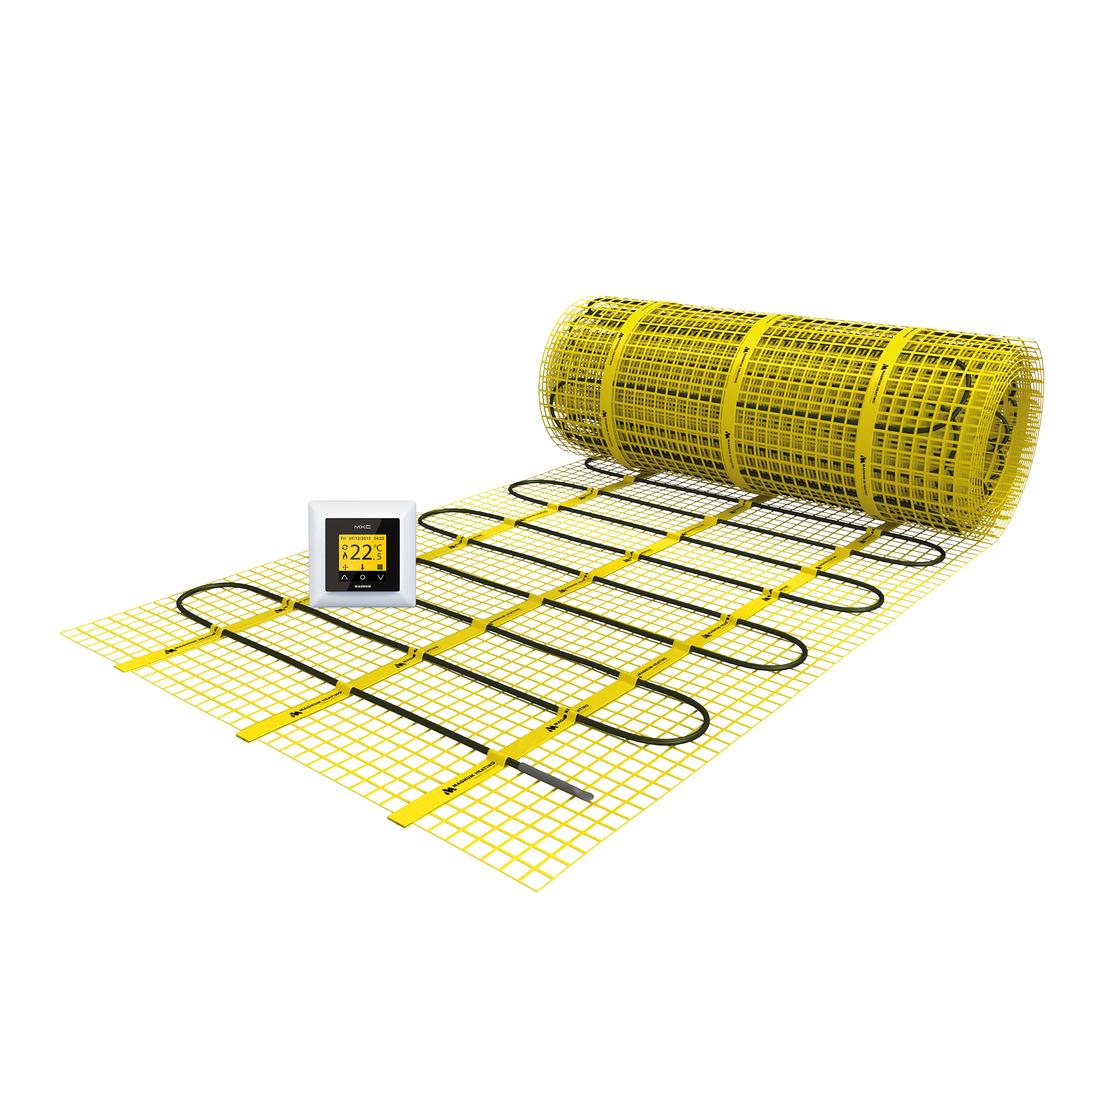 MAGNUM elektrische vloerverwarmingsmat 0,75 M2 (113W) met thermostaat